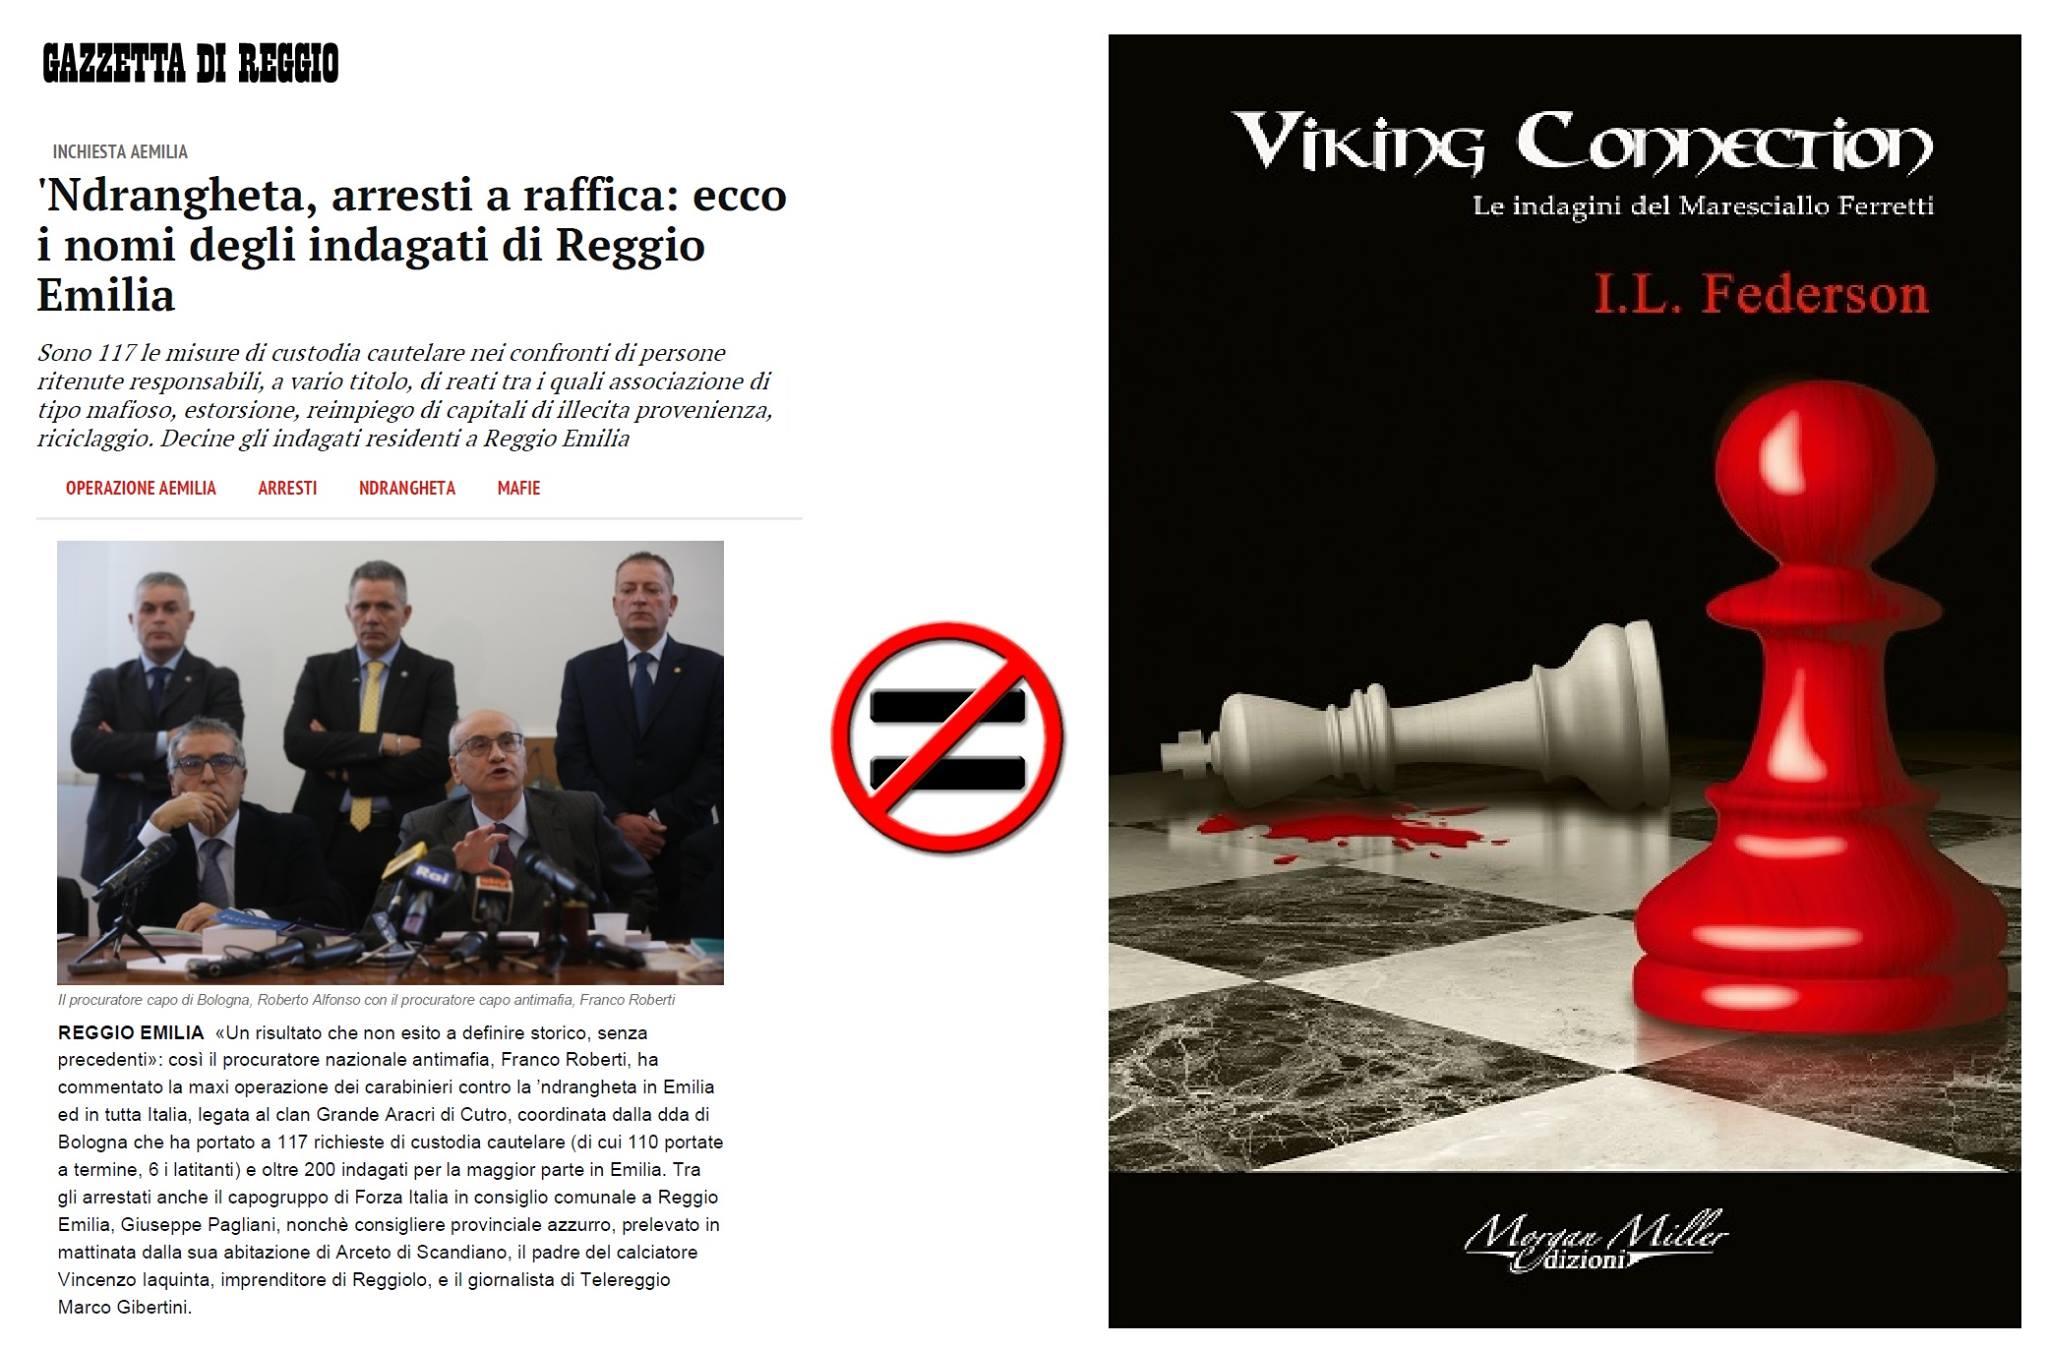 """Viking connection non è un istant book sull'operazione """"Aemilia"""""""